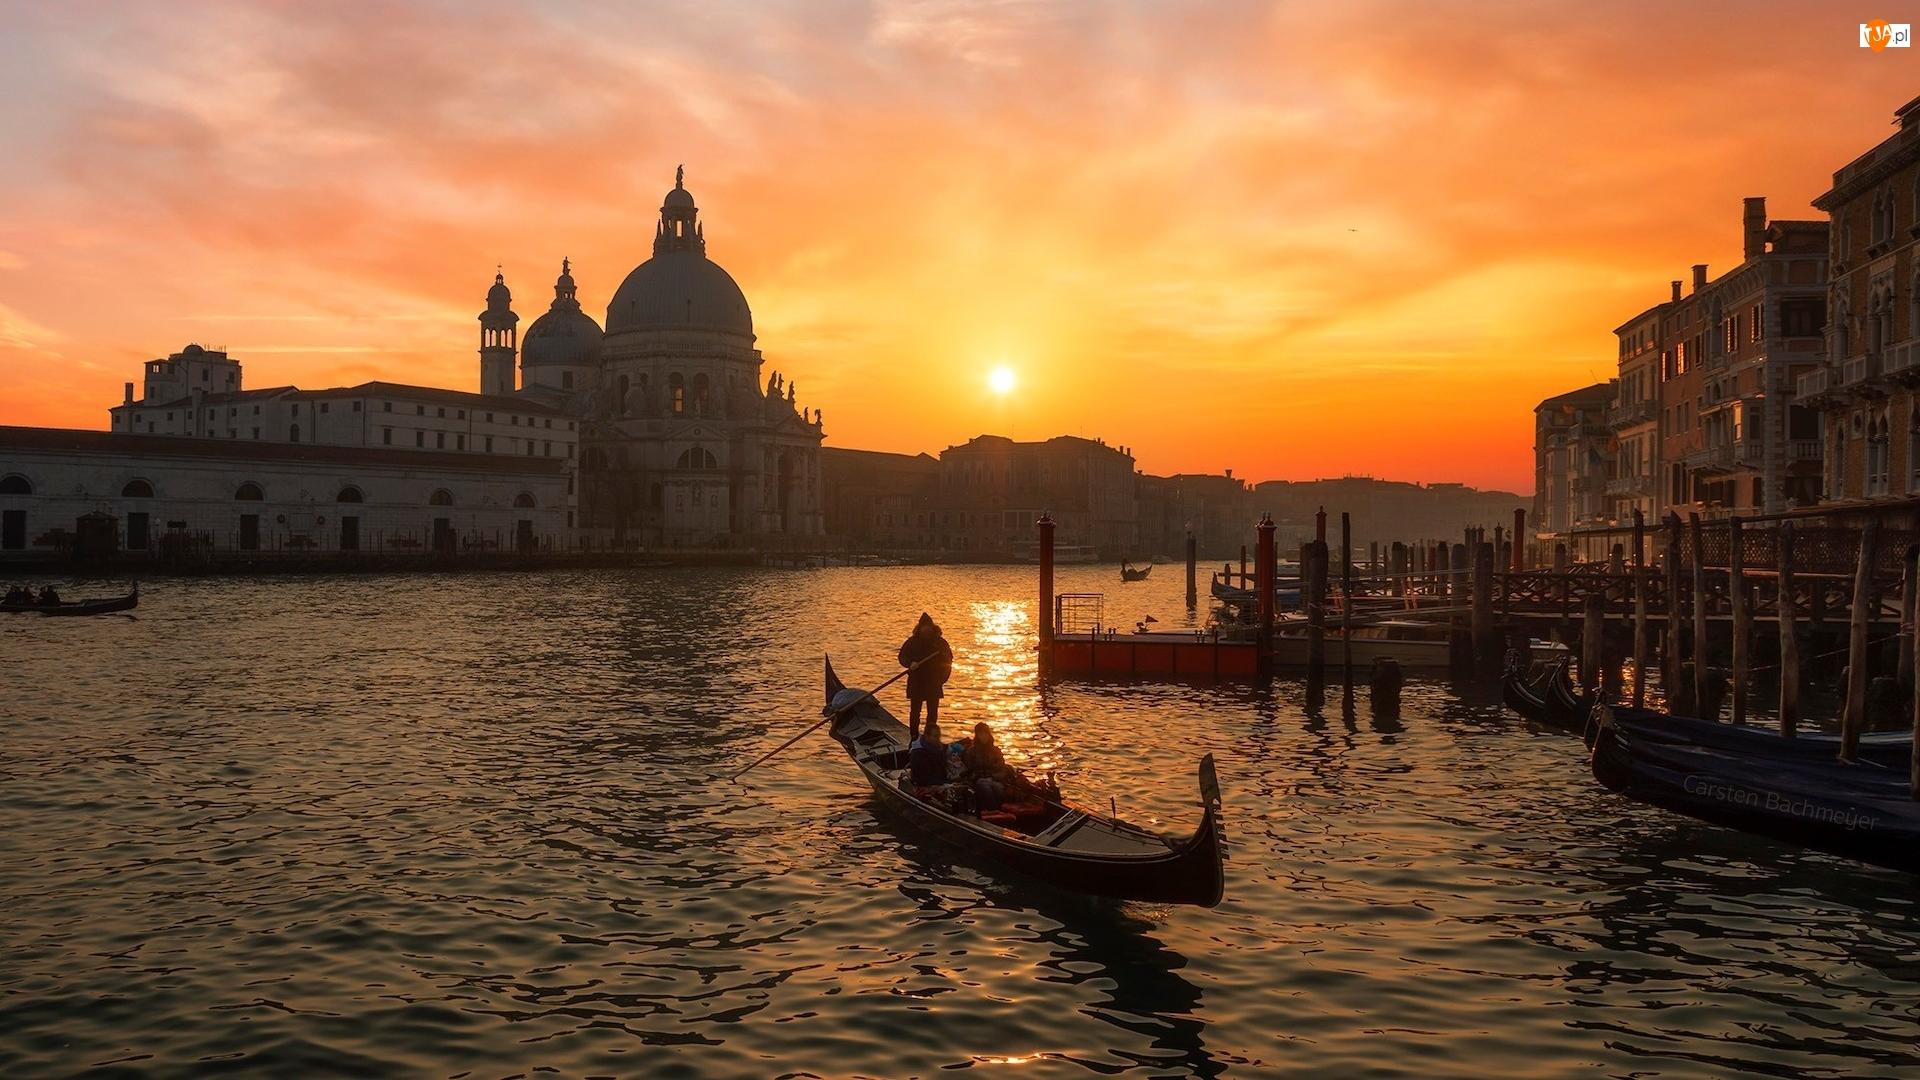 Wenecja, Kanał, Zachód słońca, Włochy, Bazylika, Domy, Gondola